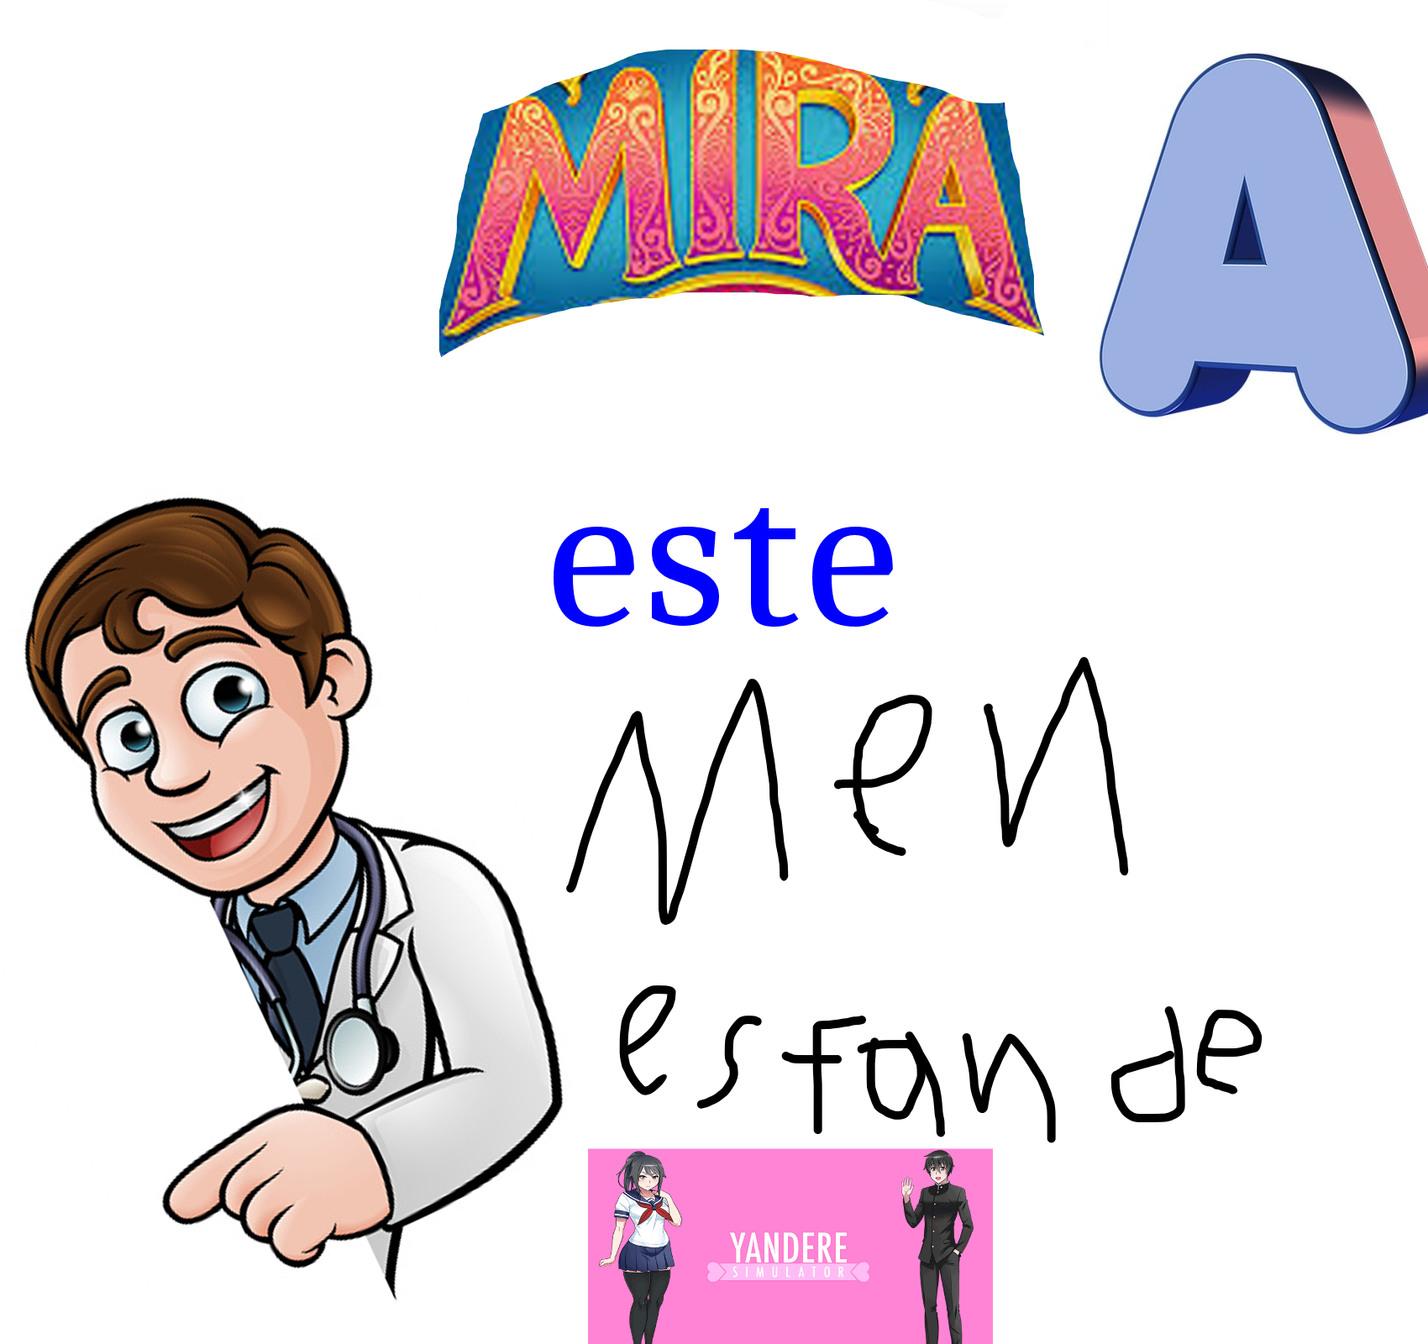 este wey - meme